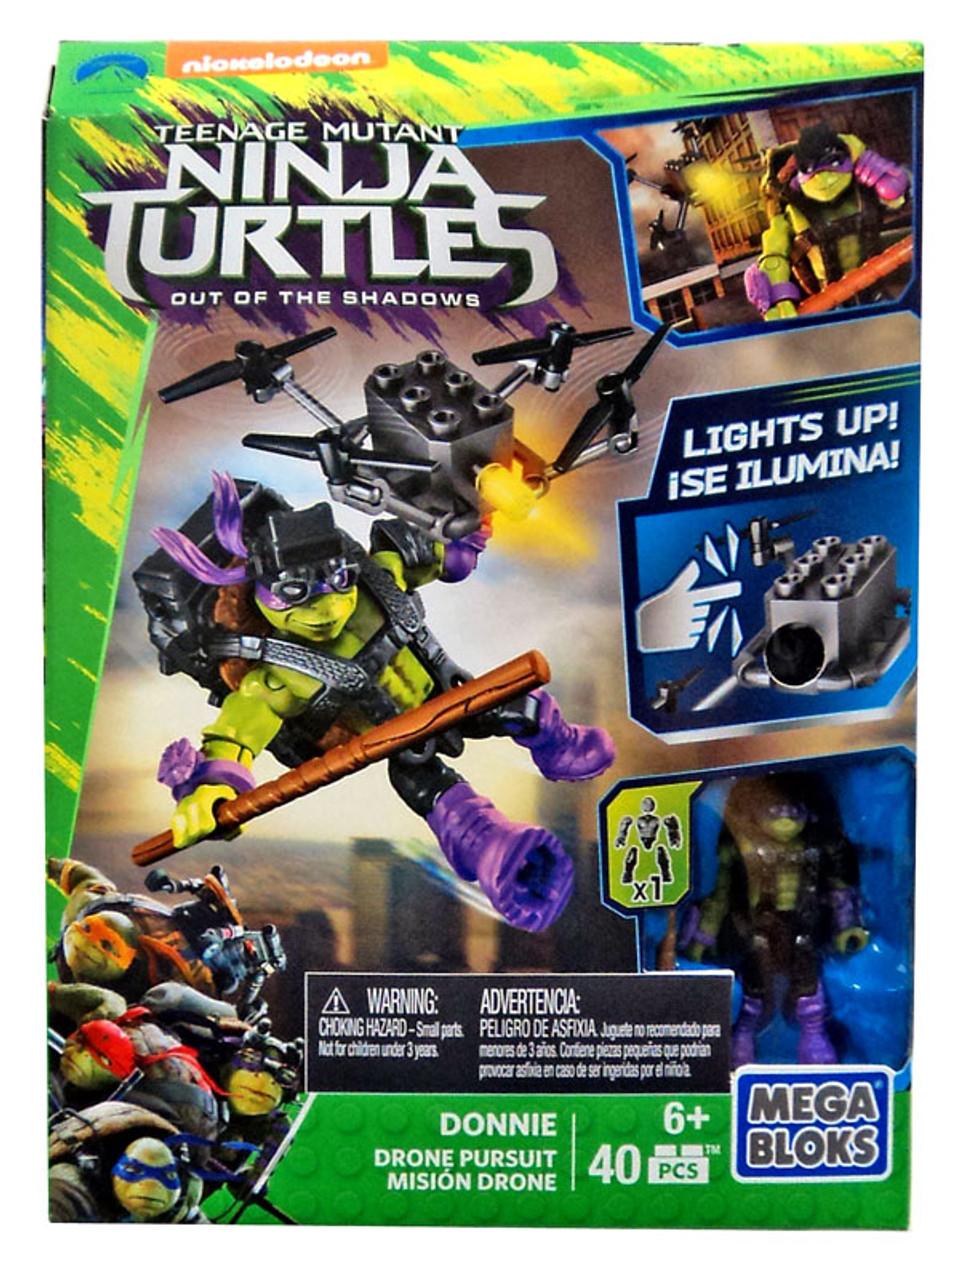 Mega Bloks Teenage Mutant Ninja Turtles Out Of The Shadows